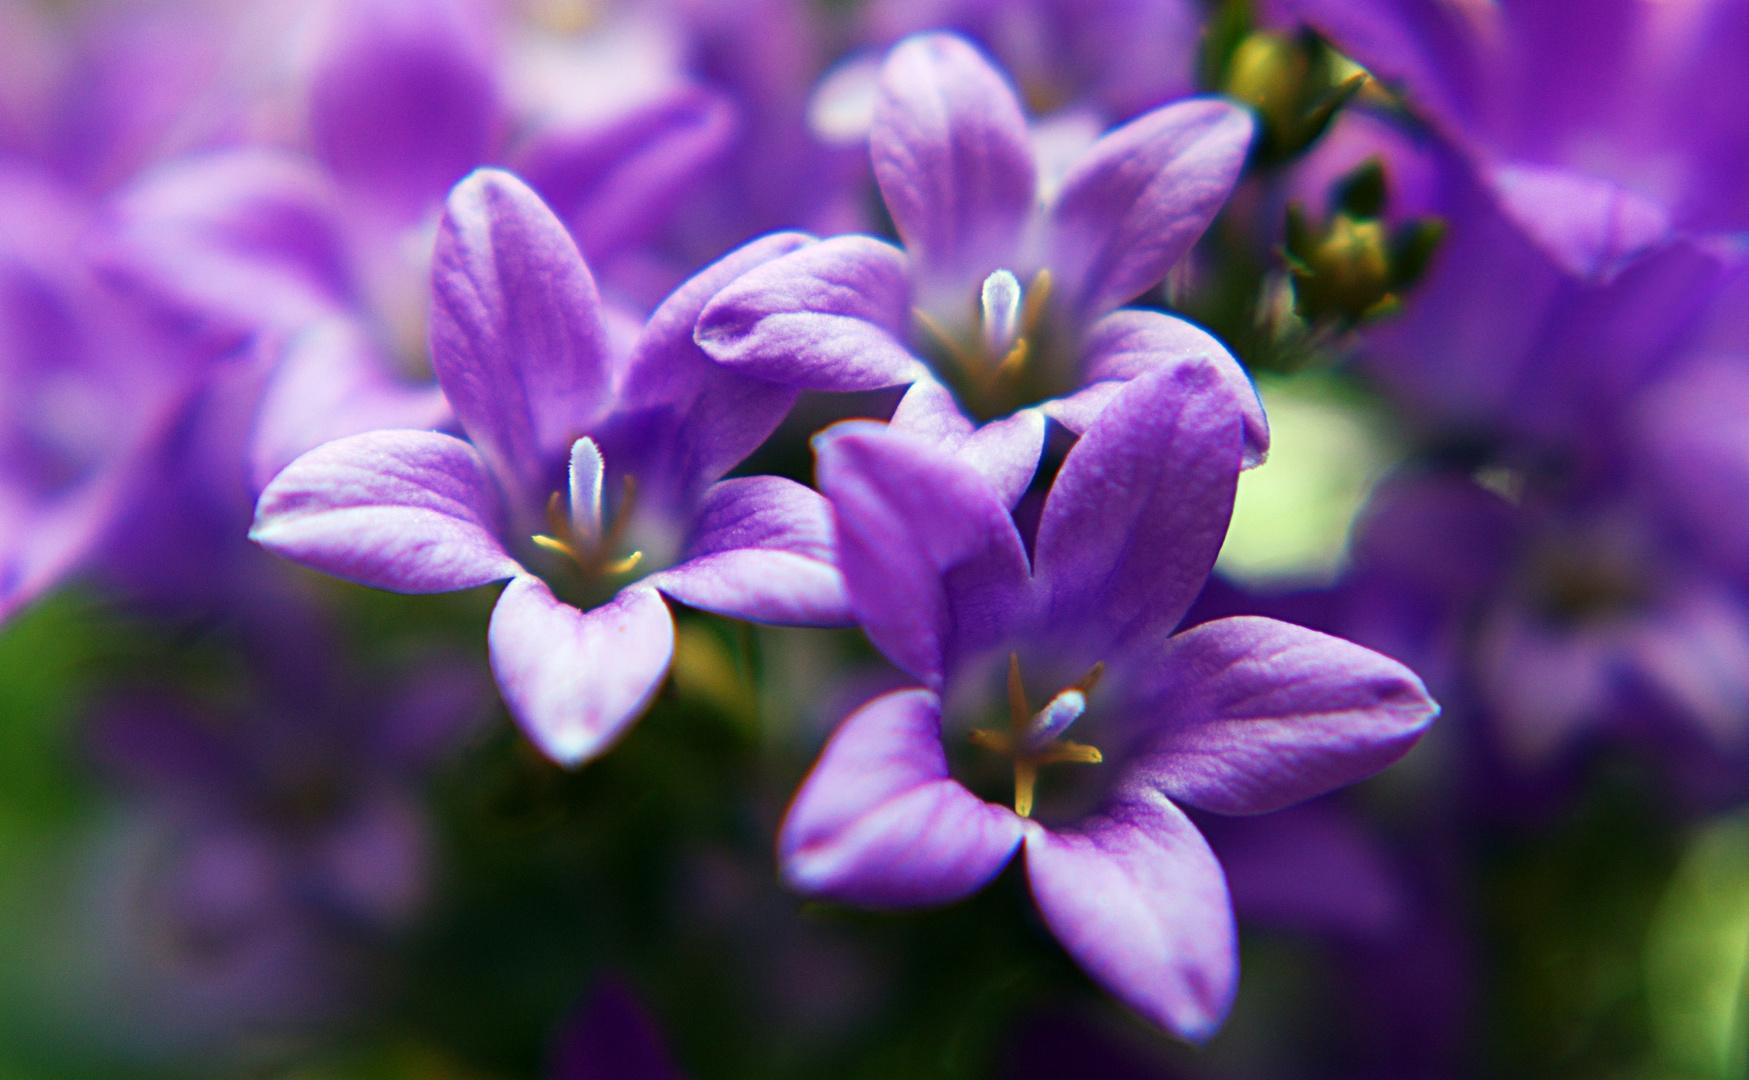 violett macro flower